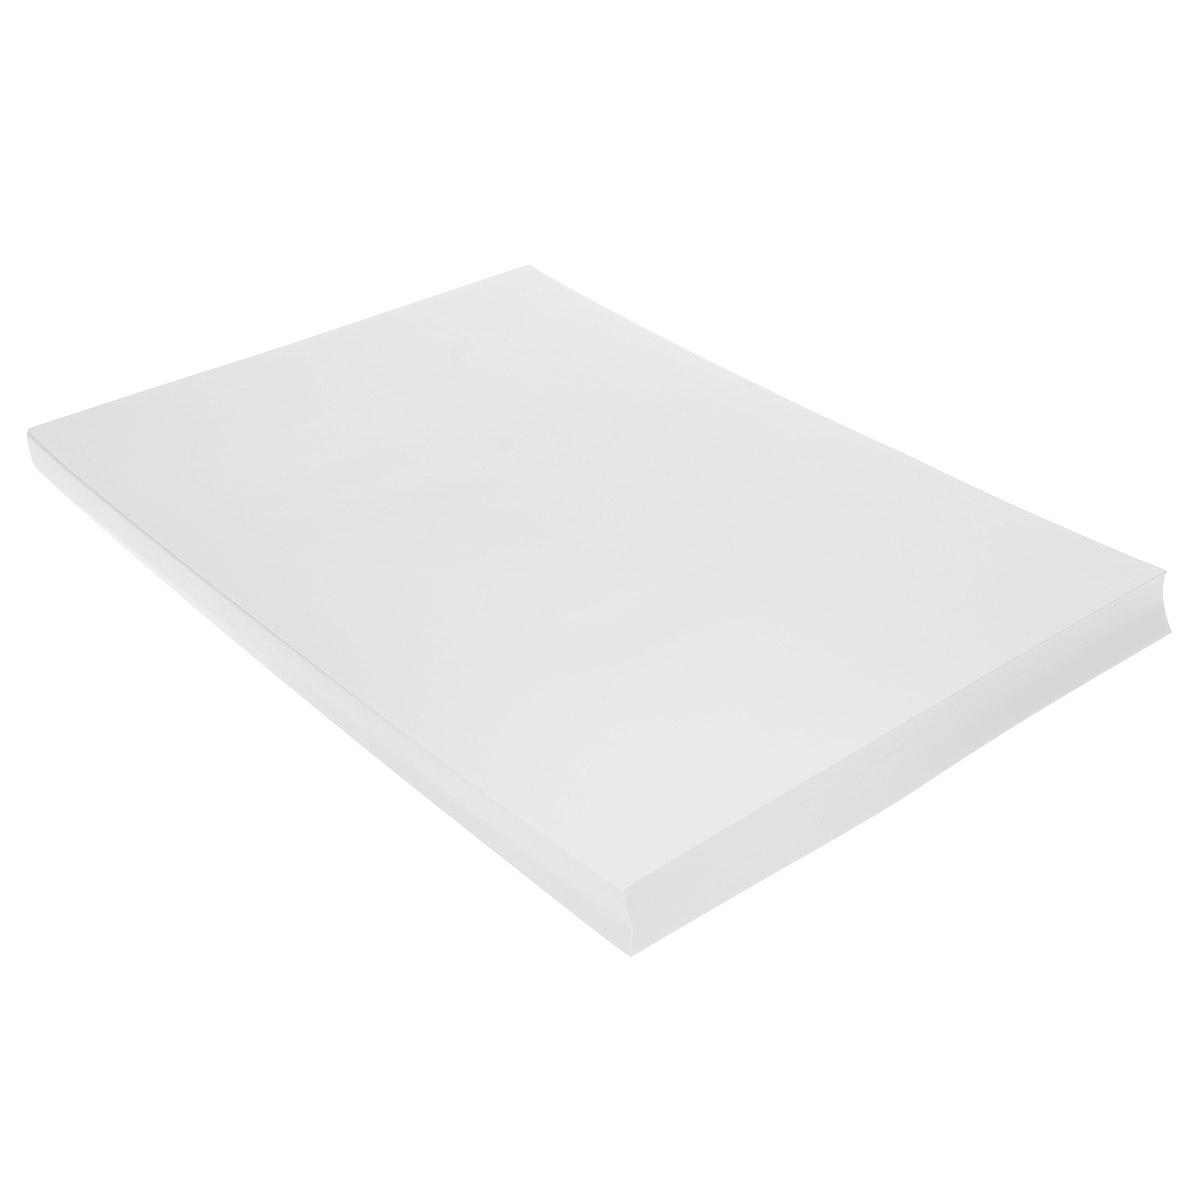 Бумага для черчения Гознак, 100 листов, формат А3. БЧ-059072523WDБумага для черчения марки А Гознак предназначена для чертежно-графических работ. Нарезанные листы. Упакована в крафт-бумагу.